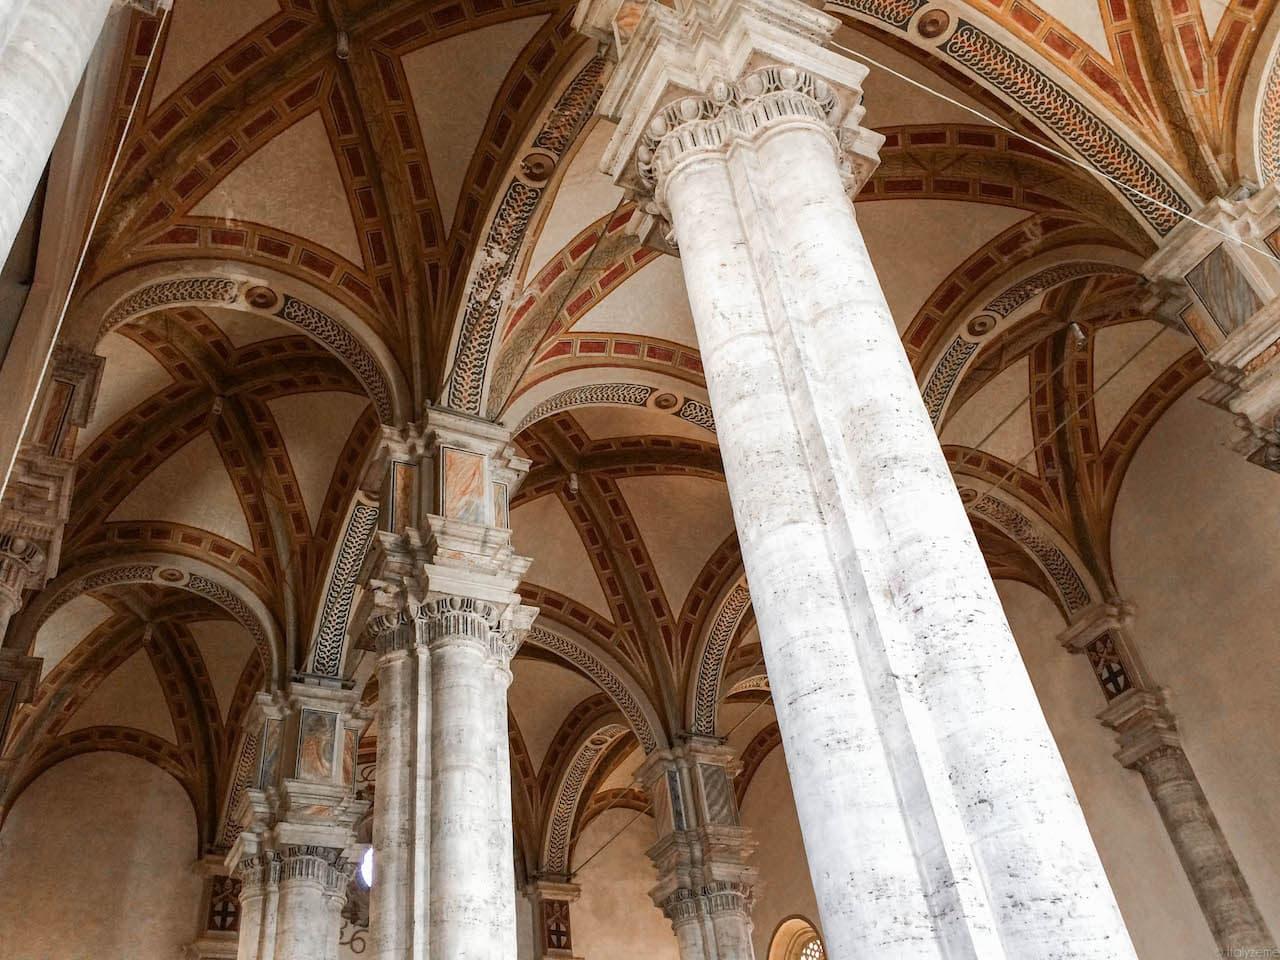 Osservando i capitelli della cattedrale si può notare come questi siano stati inusualmente rialzati durante la costruzione dell'edificio